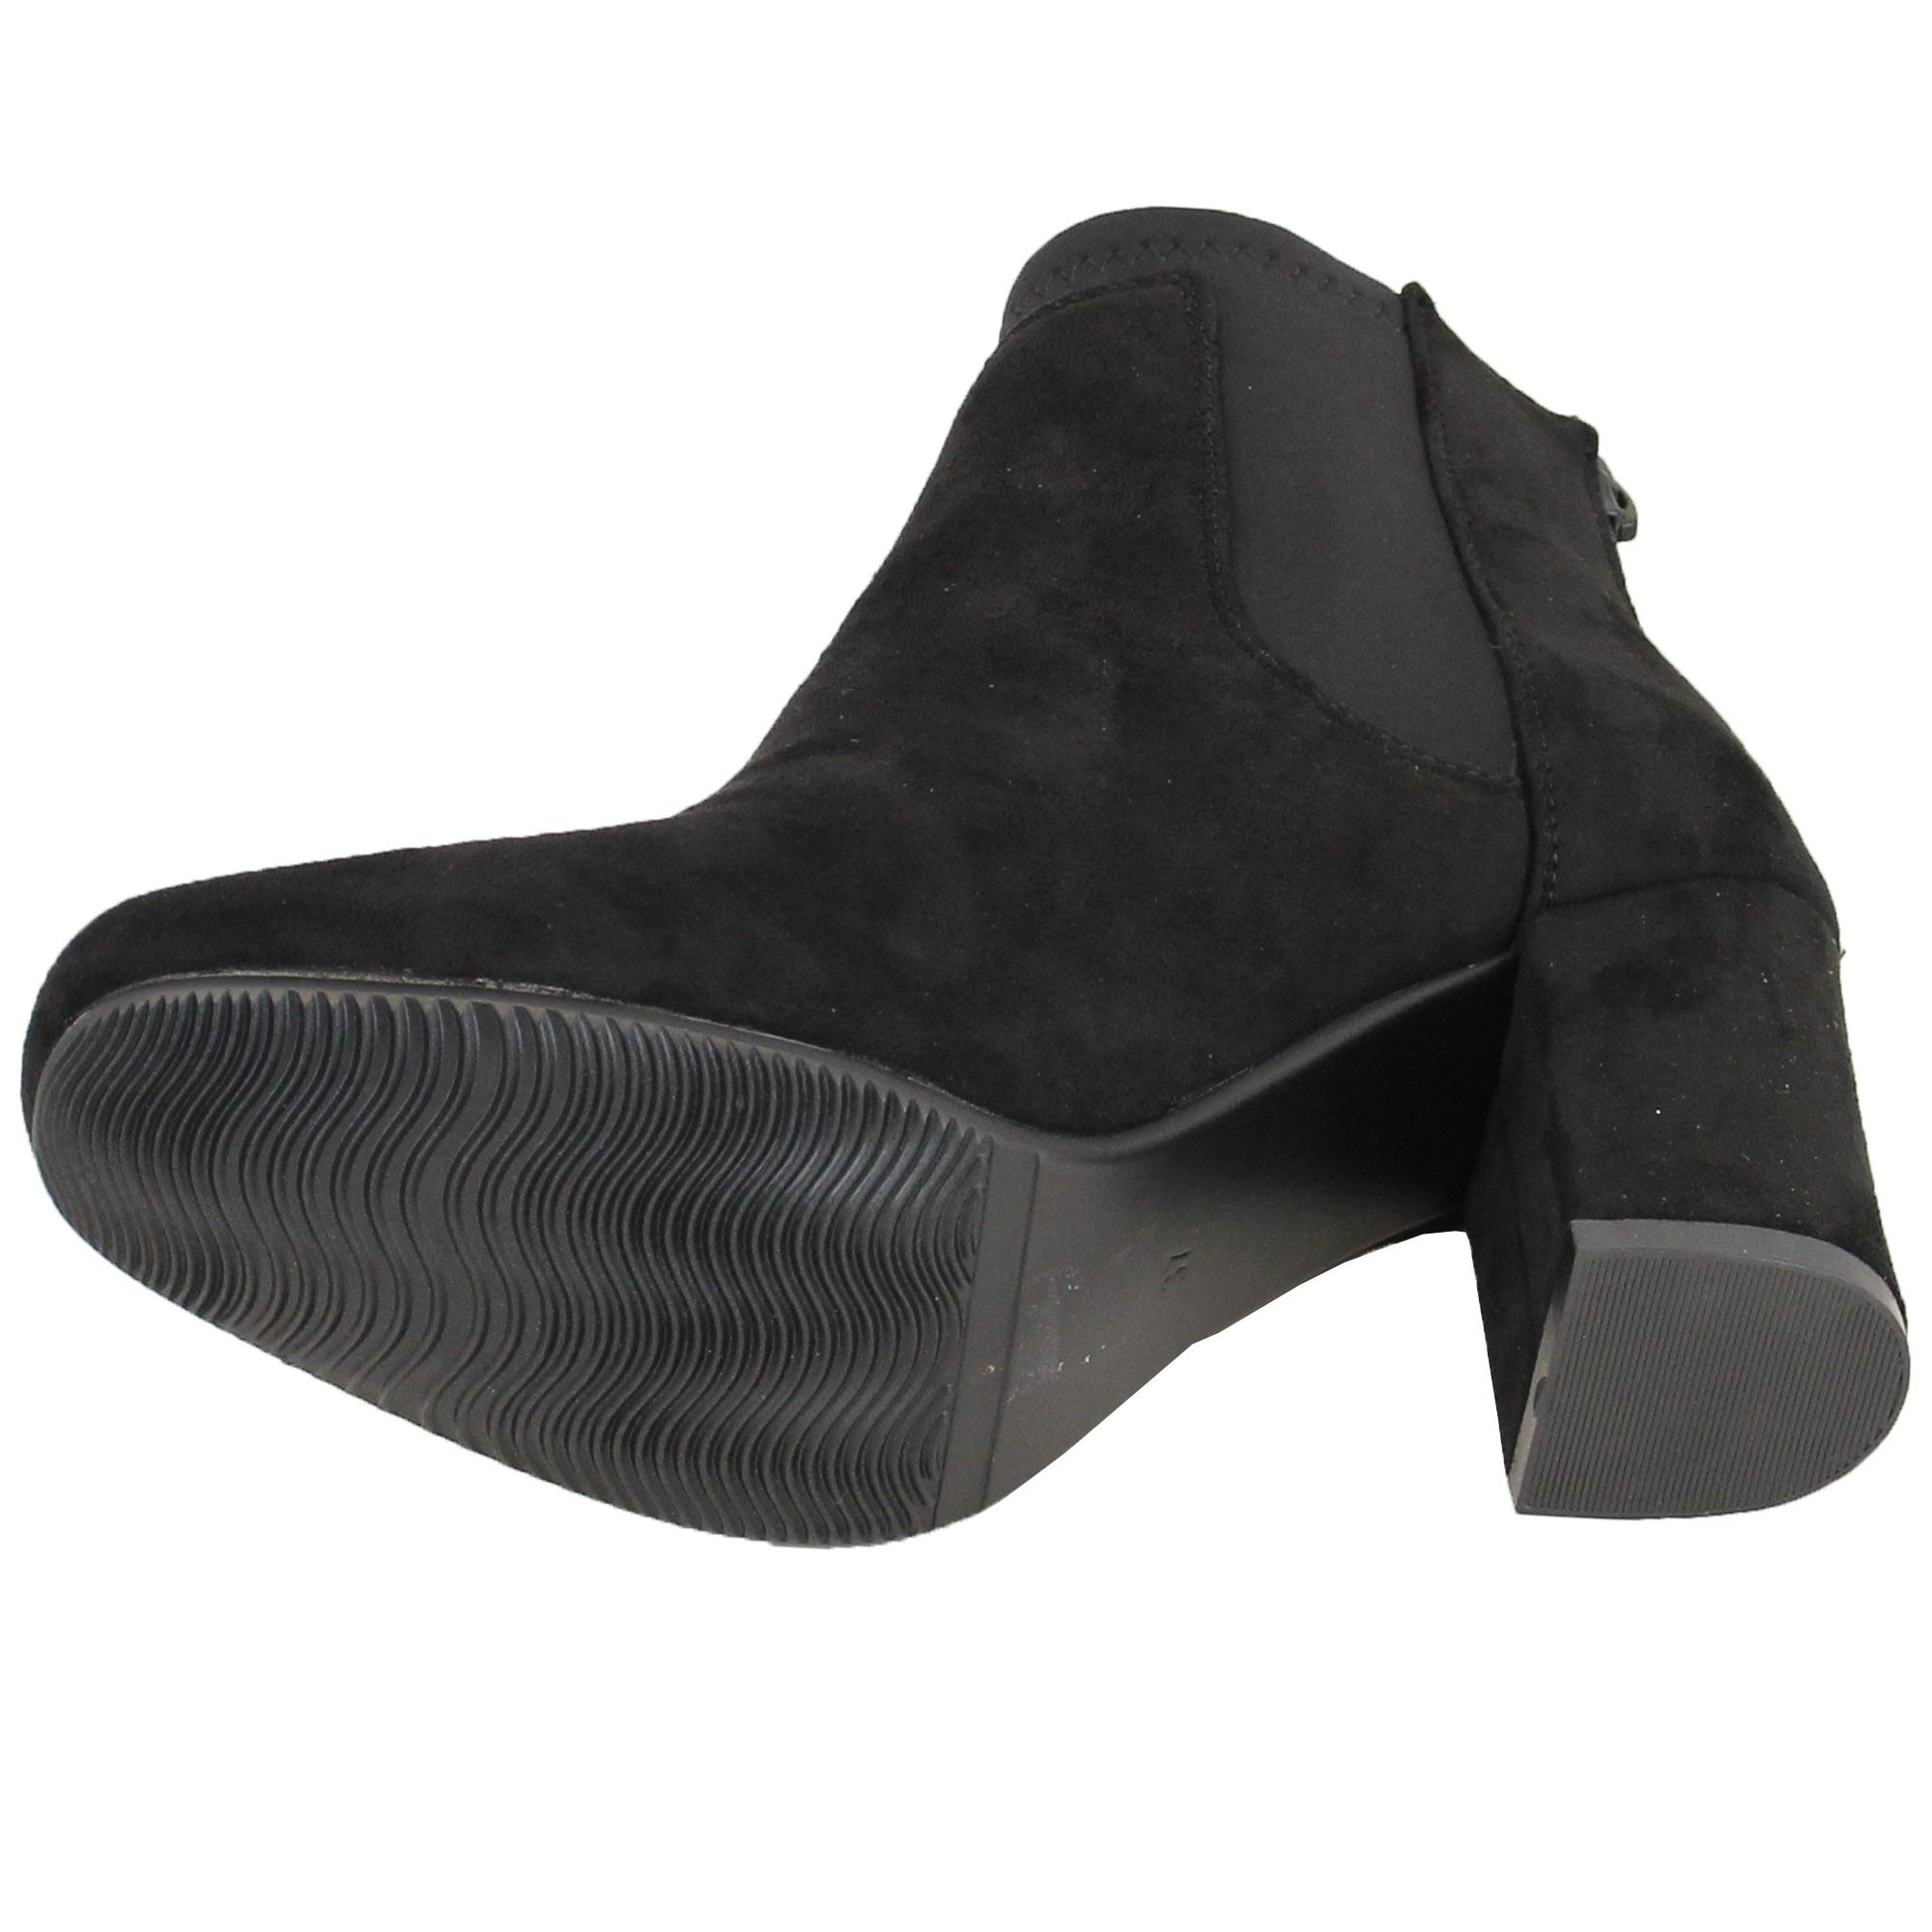 Ladies Chelsea Ankle Boots Womens Suede Look Shoes Block Heel ...